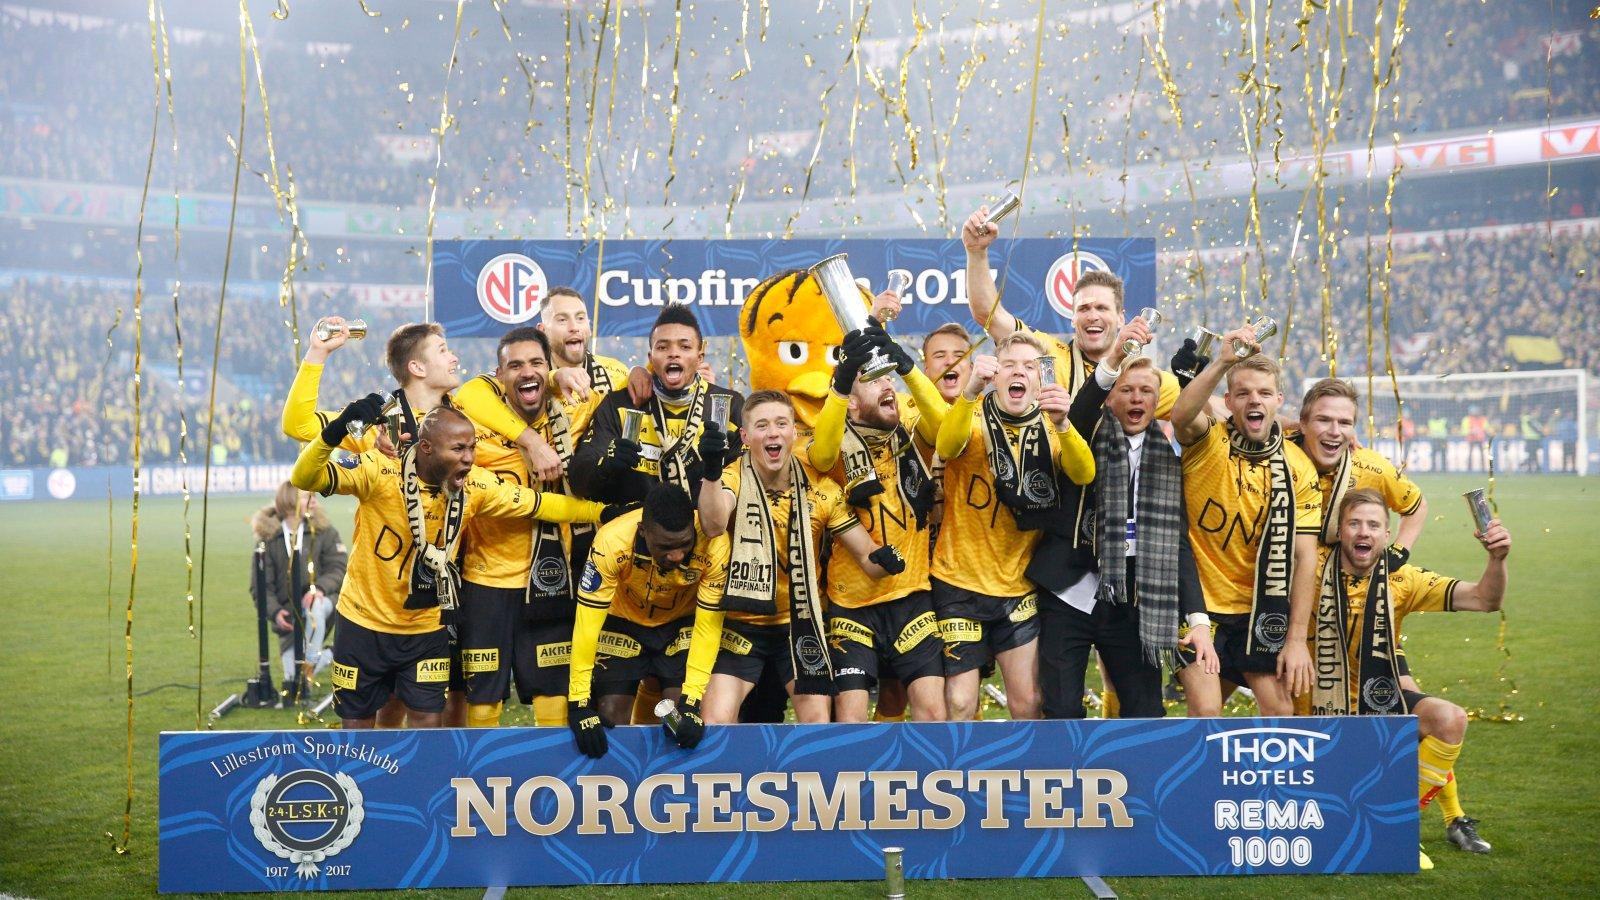 MESTERE: LSK avsluttet 2017-sesongen med å slå Sarpsborg i cupfinalen. 5. mars står det om årets første tittel når Rosenborg kommer på besøk i UNICEF Mesterfinale.